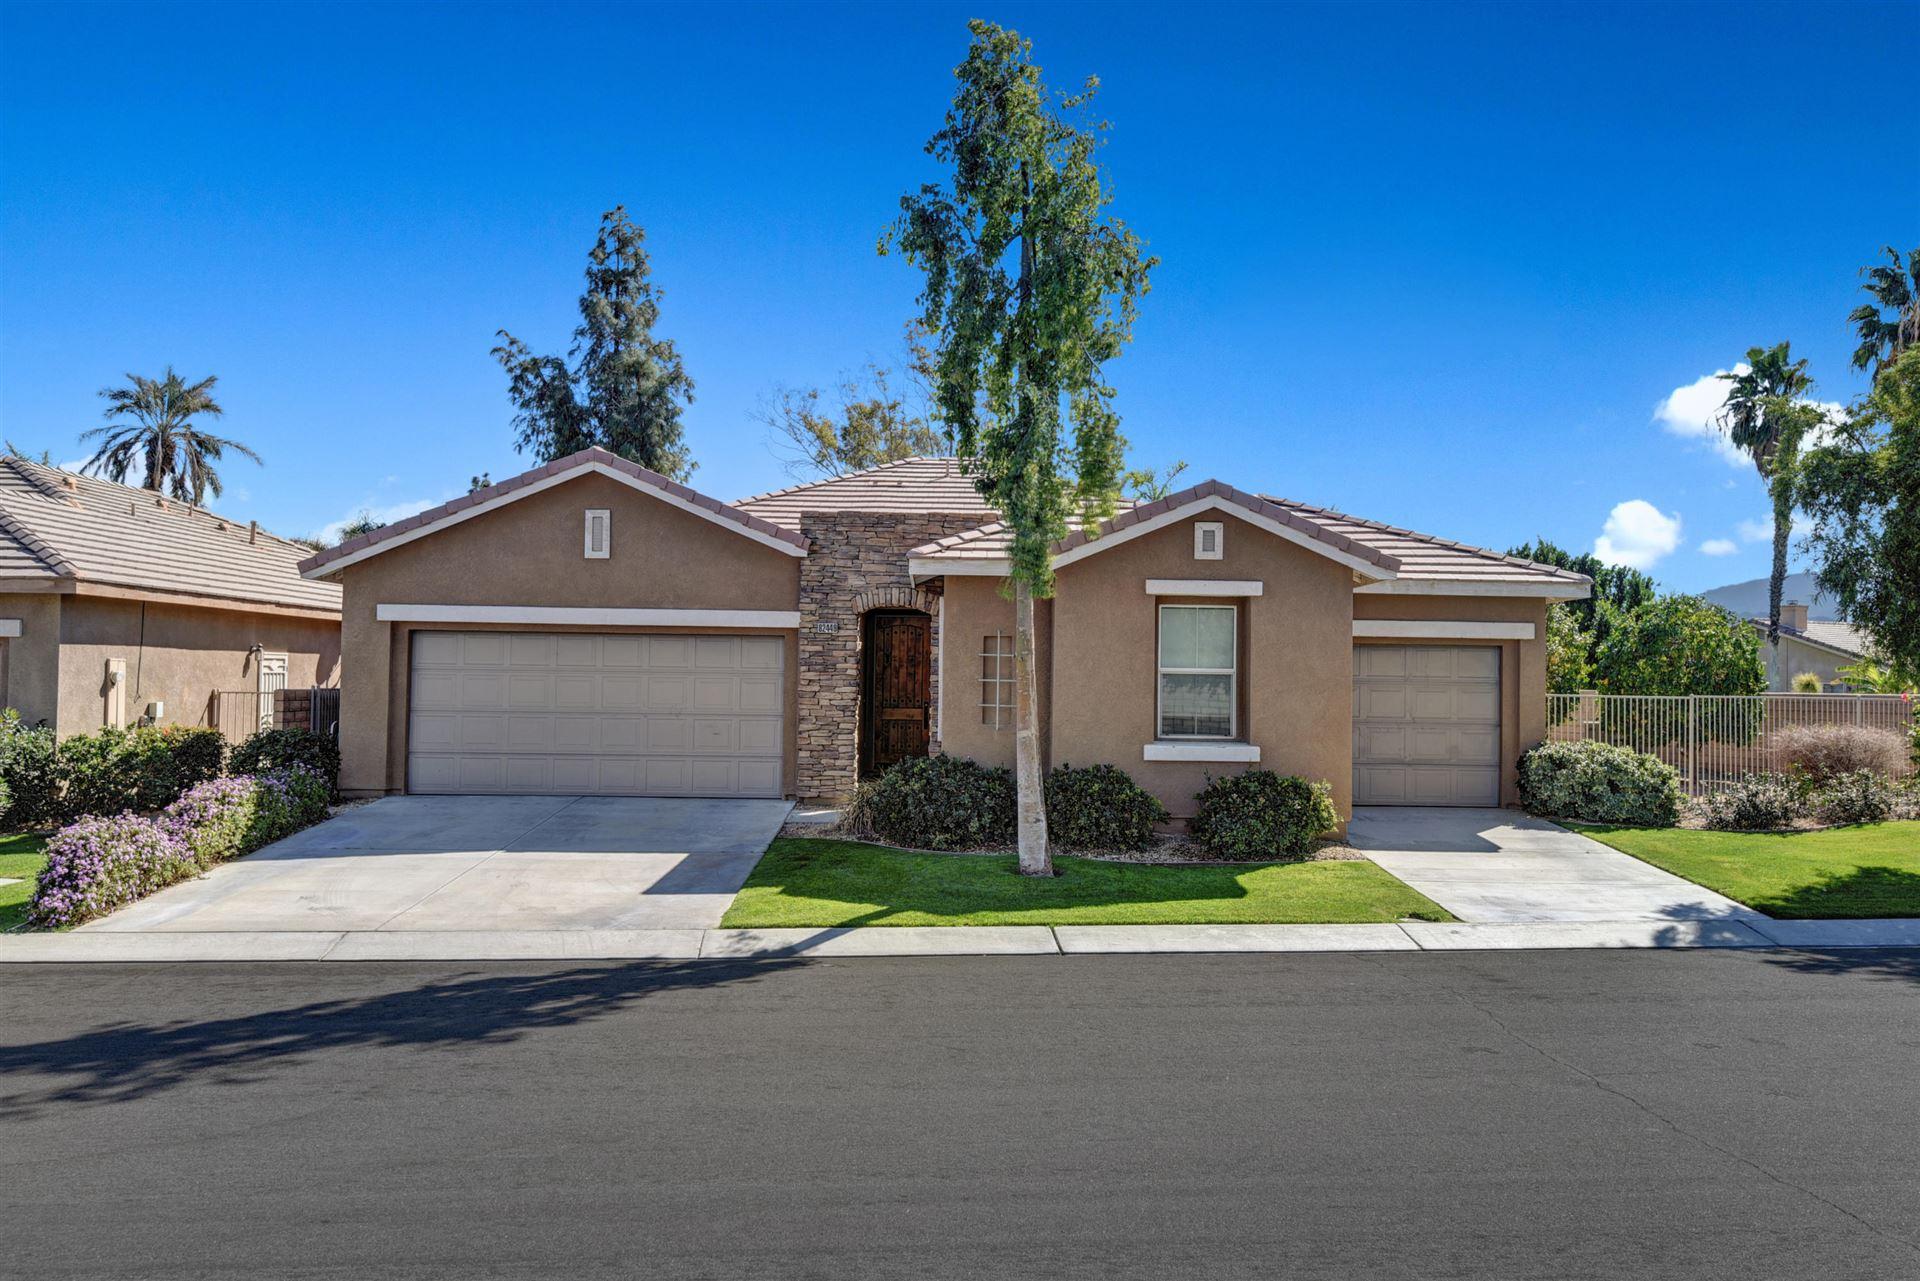 82449 Grant Drive, Indio, CA 92201 - MLS#: 219048815